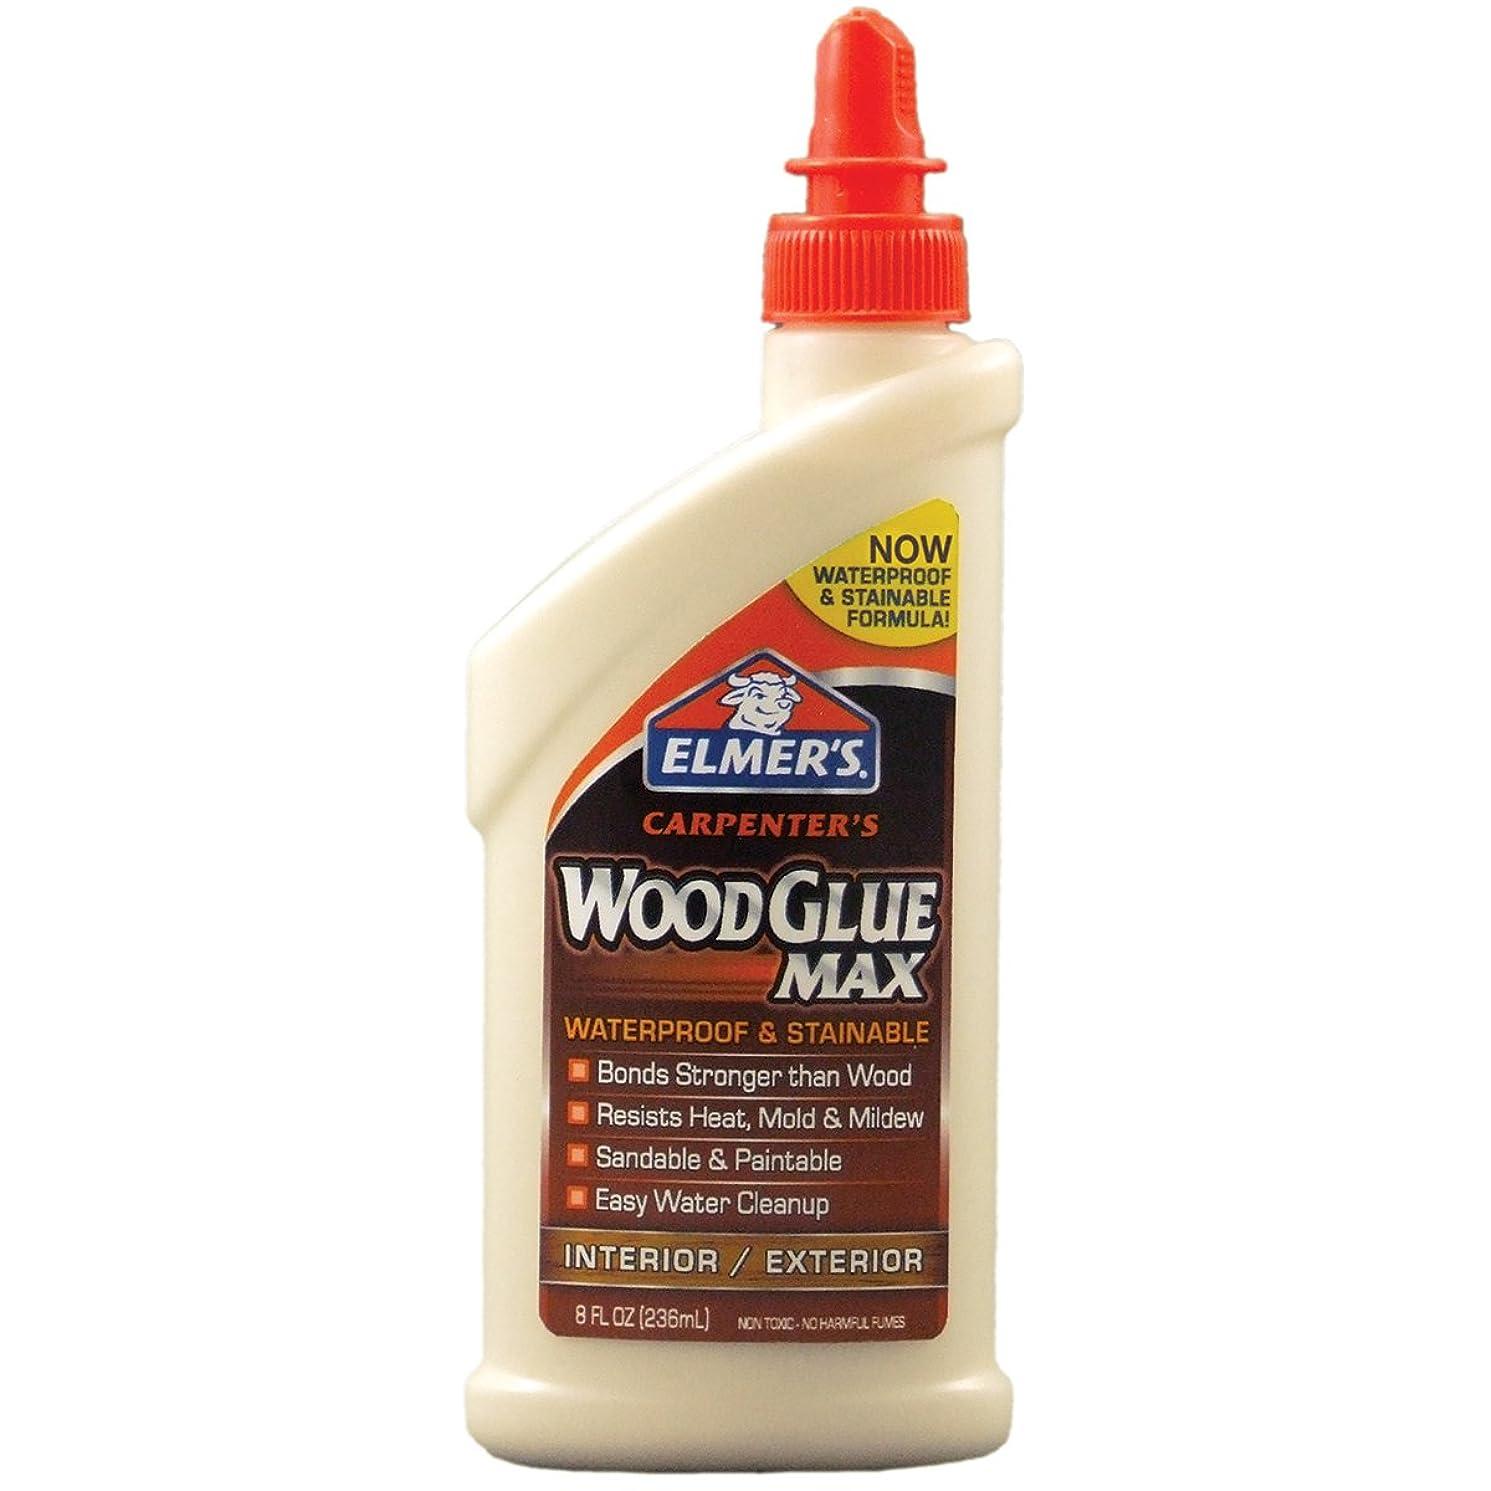 Elmer's Products, Inc Elmer's E7300 Carpenter's Wood Glue Max, 8 Ounces, 8 oz, Tan